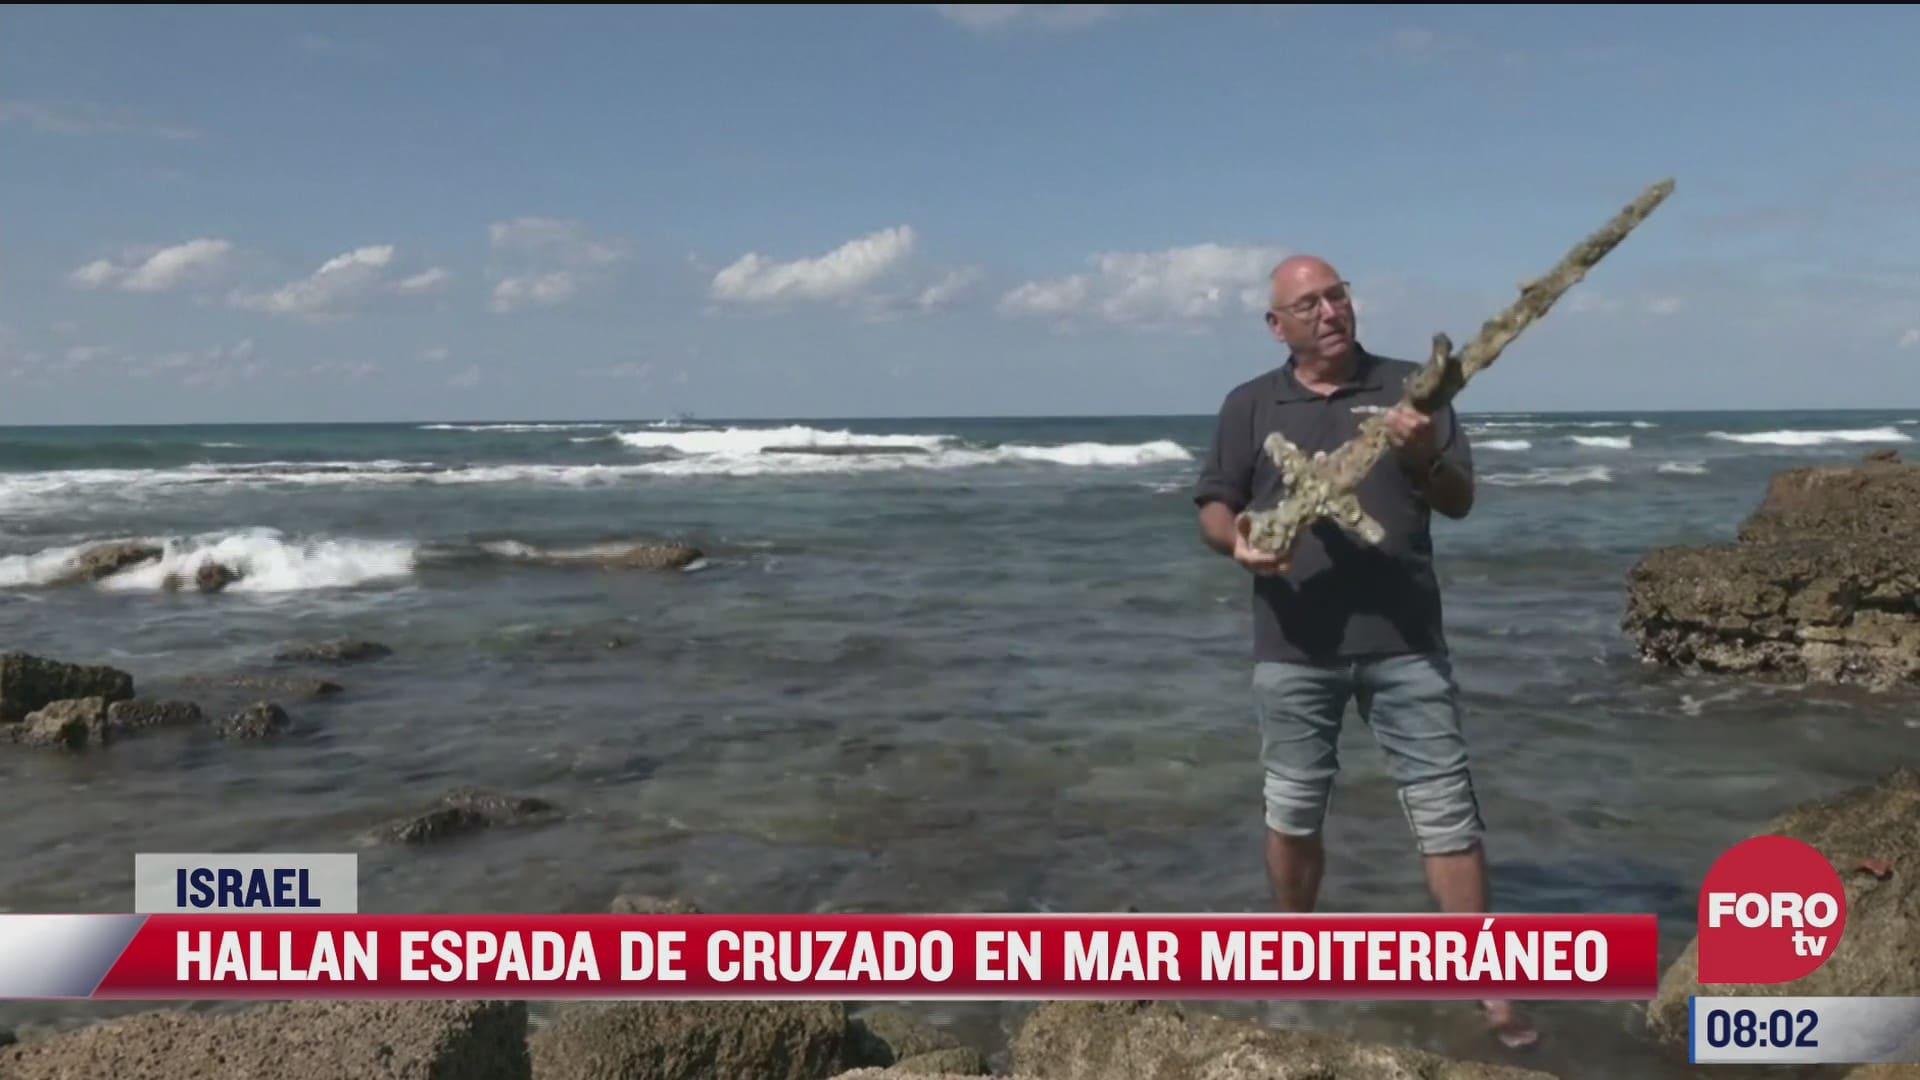 hallan espada de cruzado en mar mediterraneo en israel